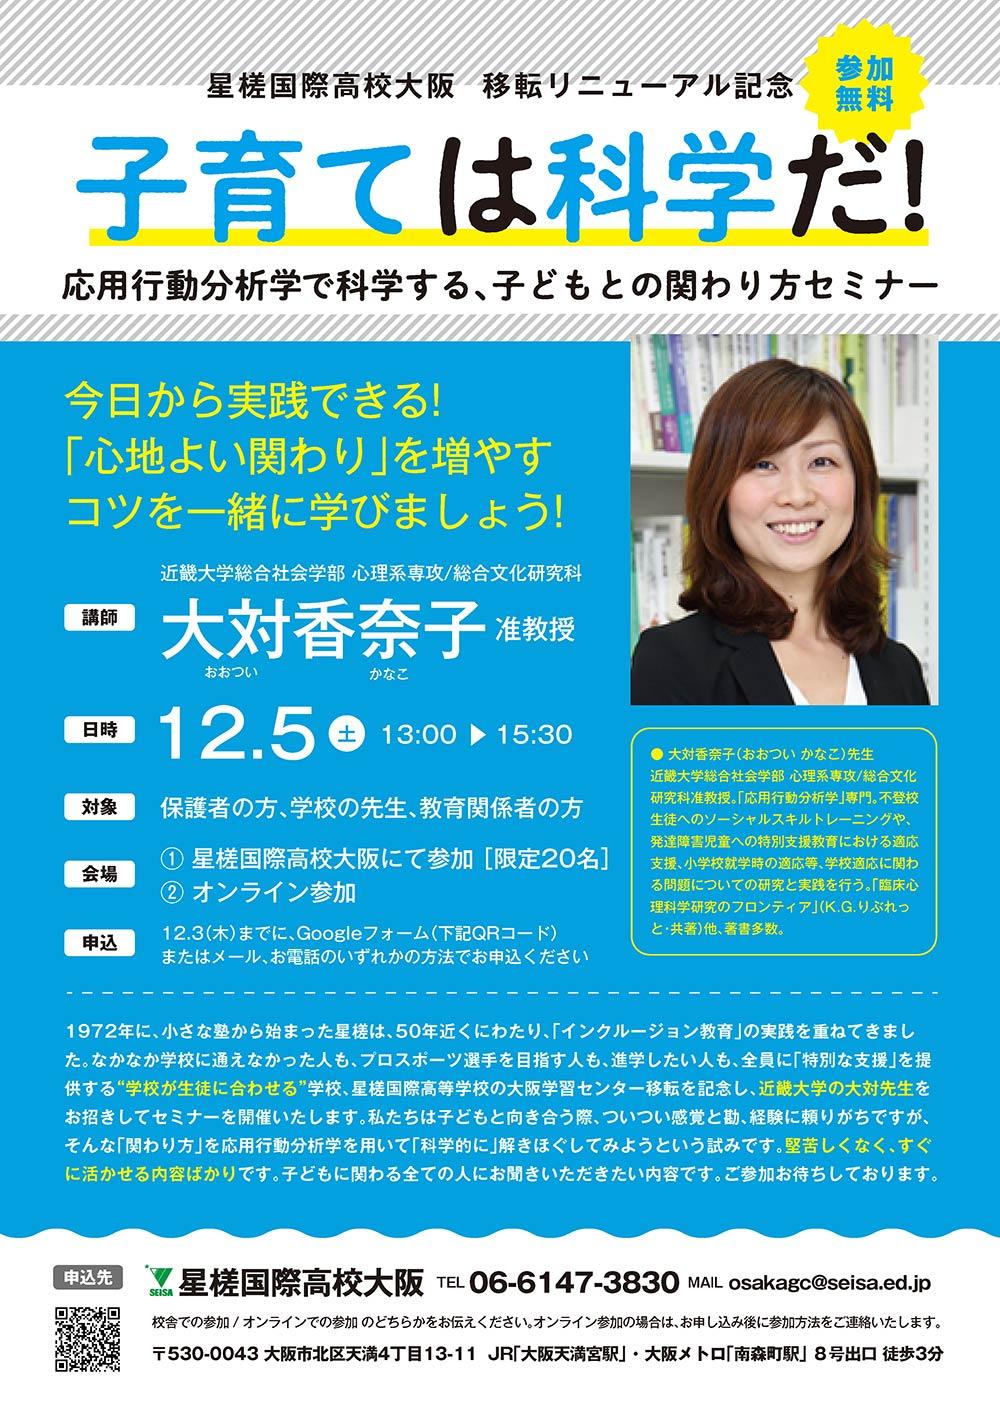 星槎国際高校大阪(星槎大学大阪)リニューアル記念セミナー「子育ては化学だ!応用行動分析学で科学する、子供との関わり方」セミナーを開催